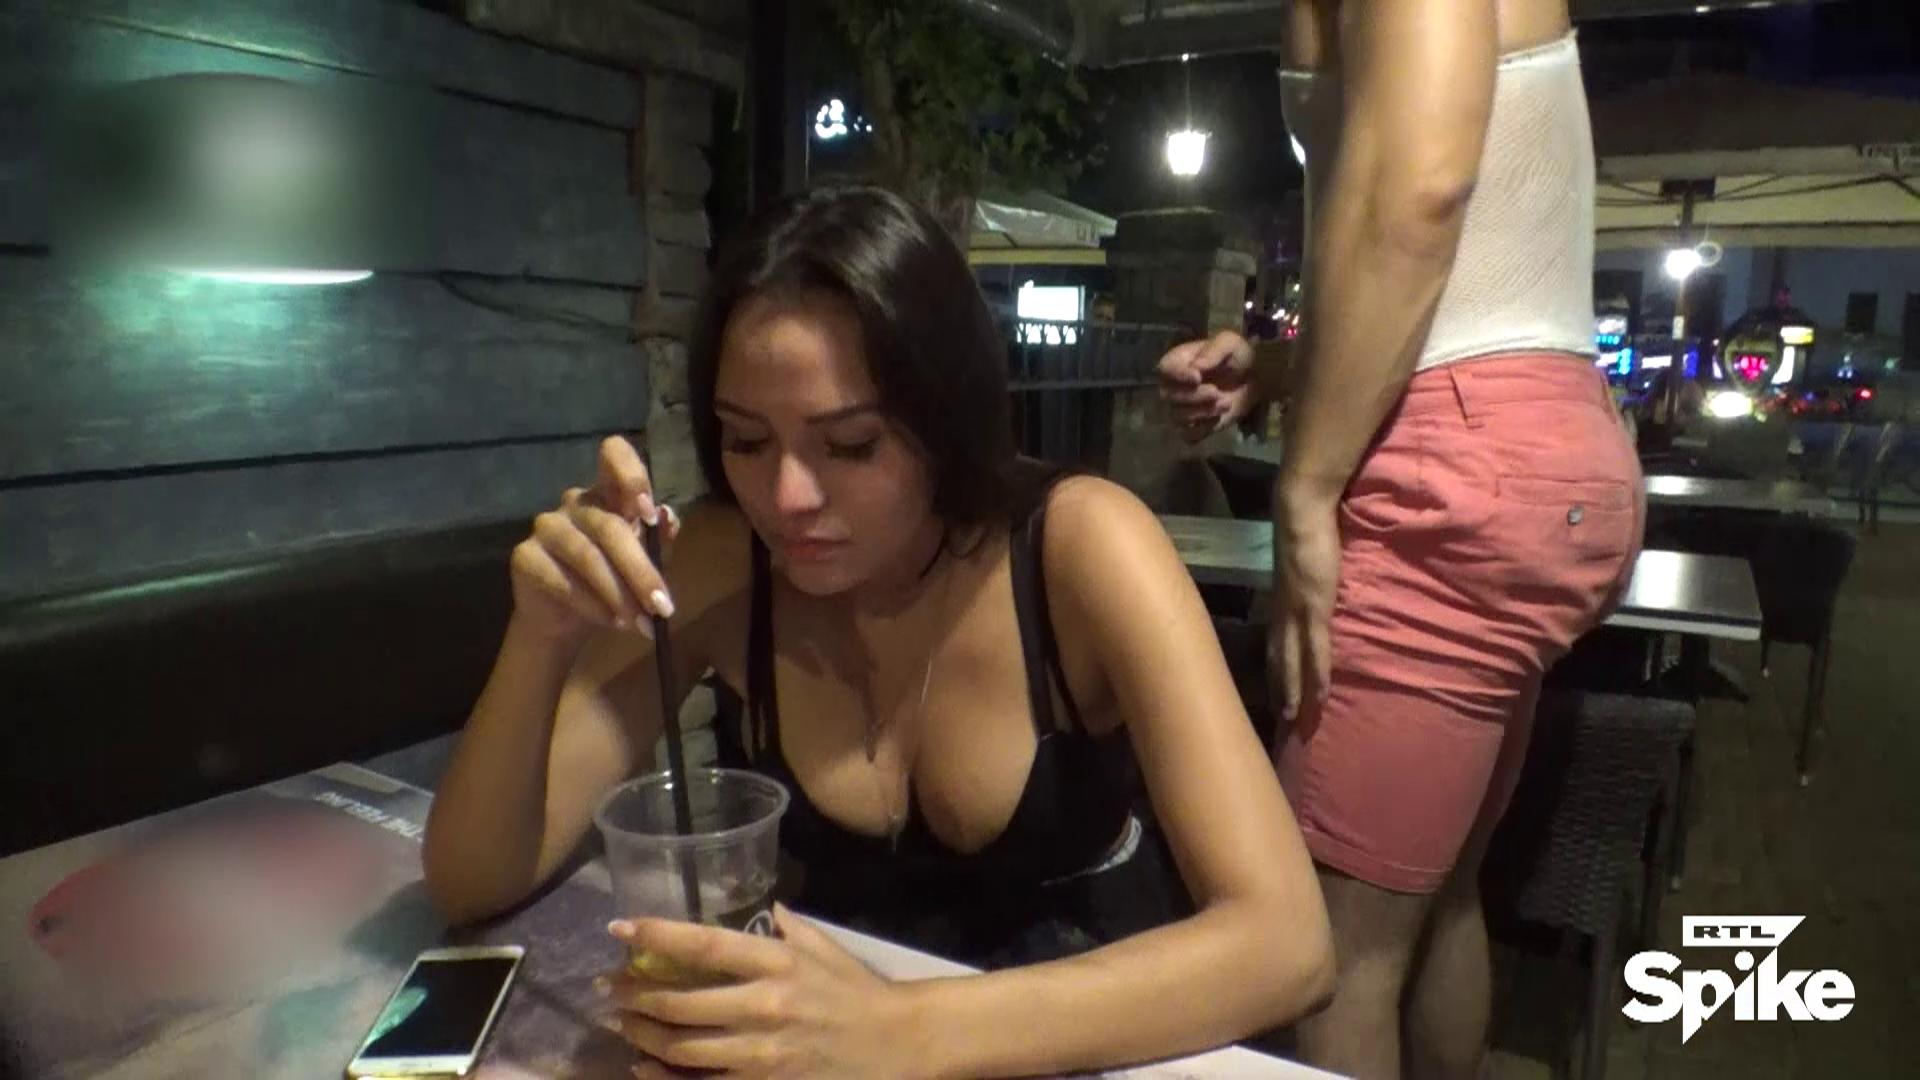 kénytelen fekete fasz pornó meleg scat pornó videók